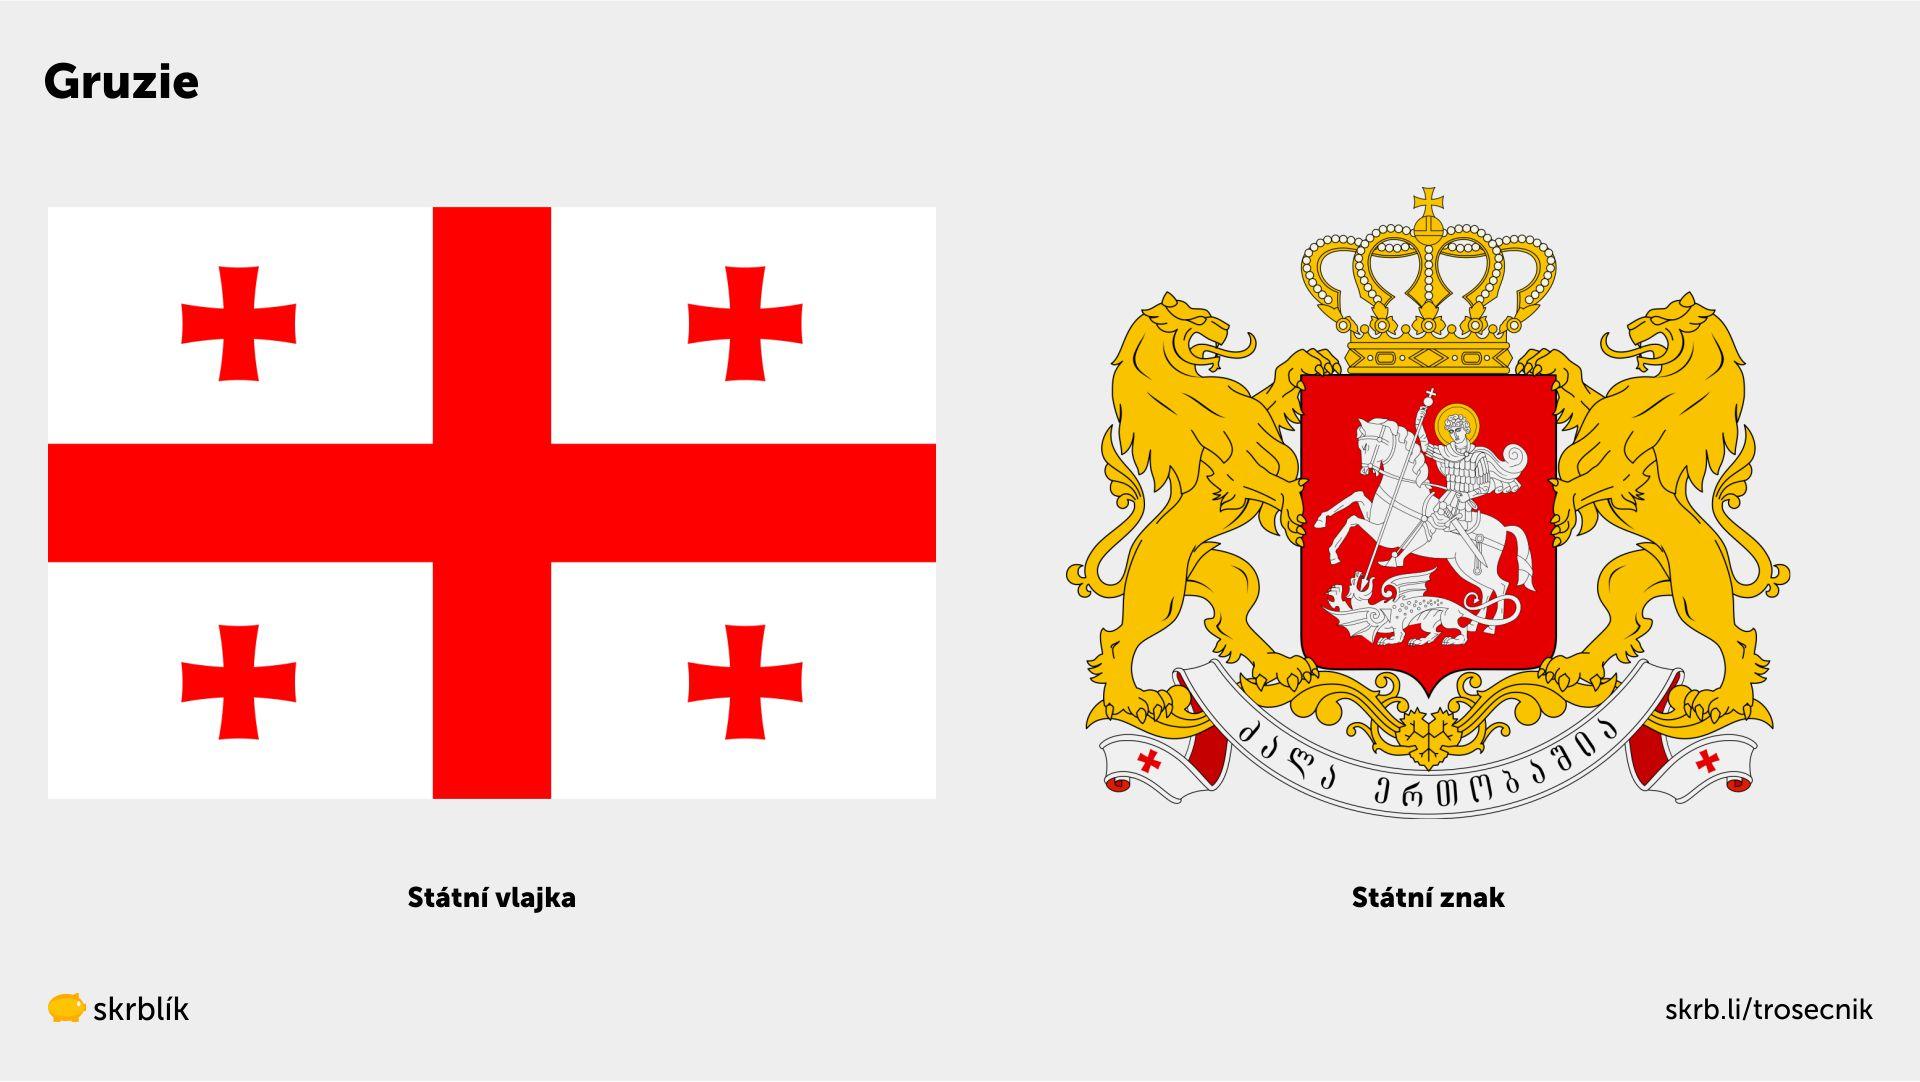 Gruzie